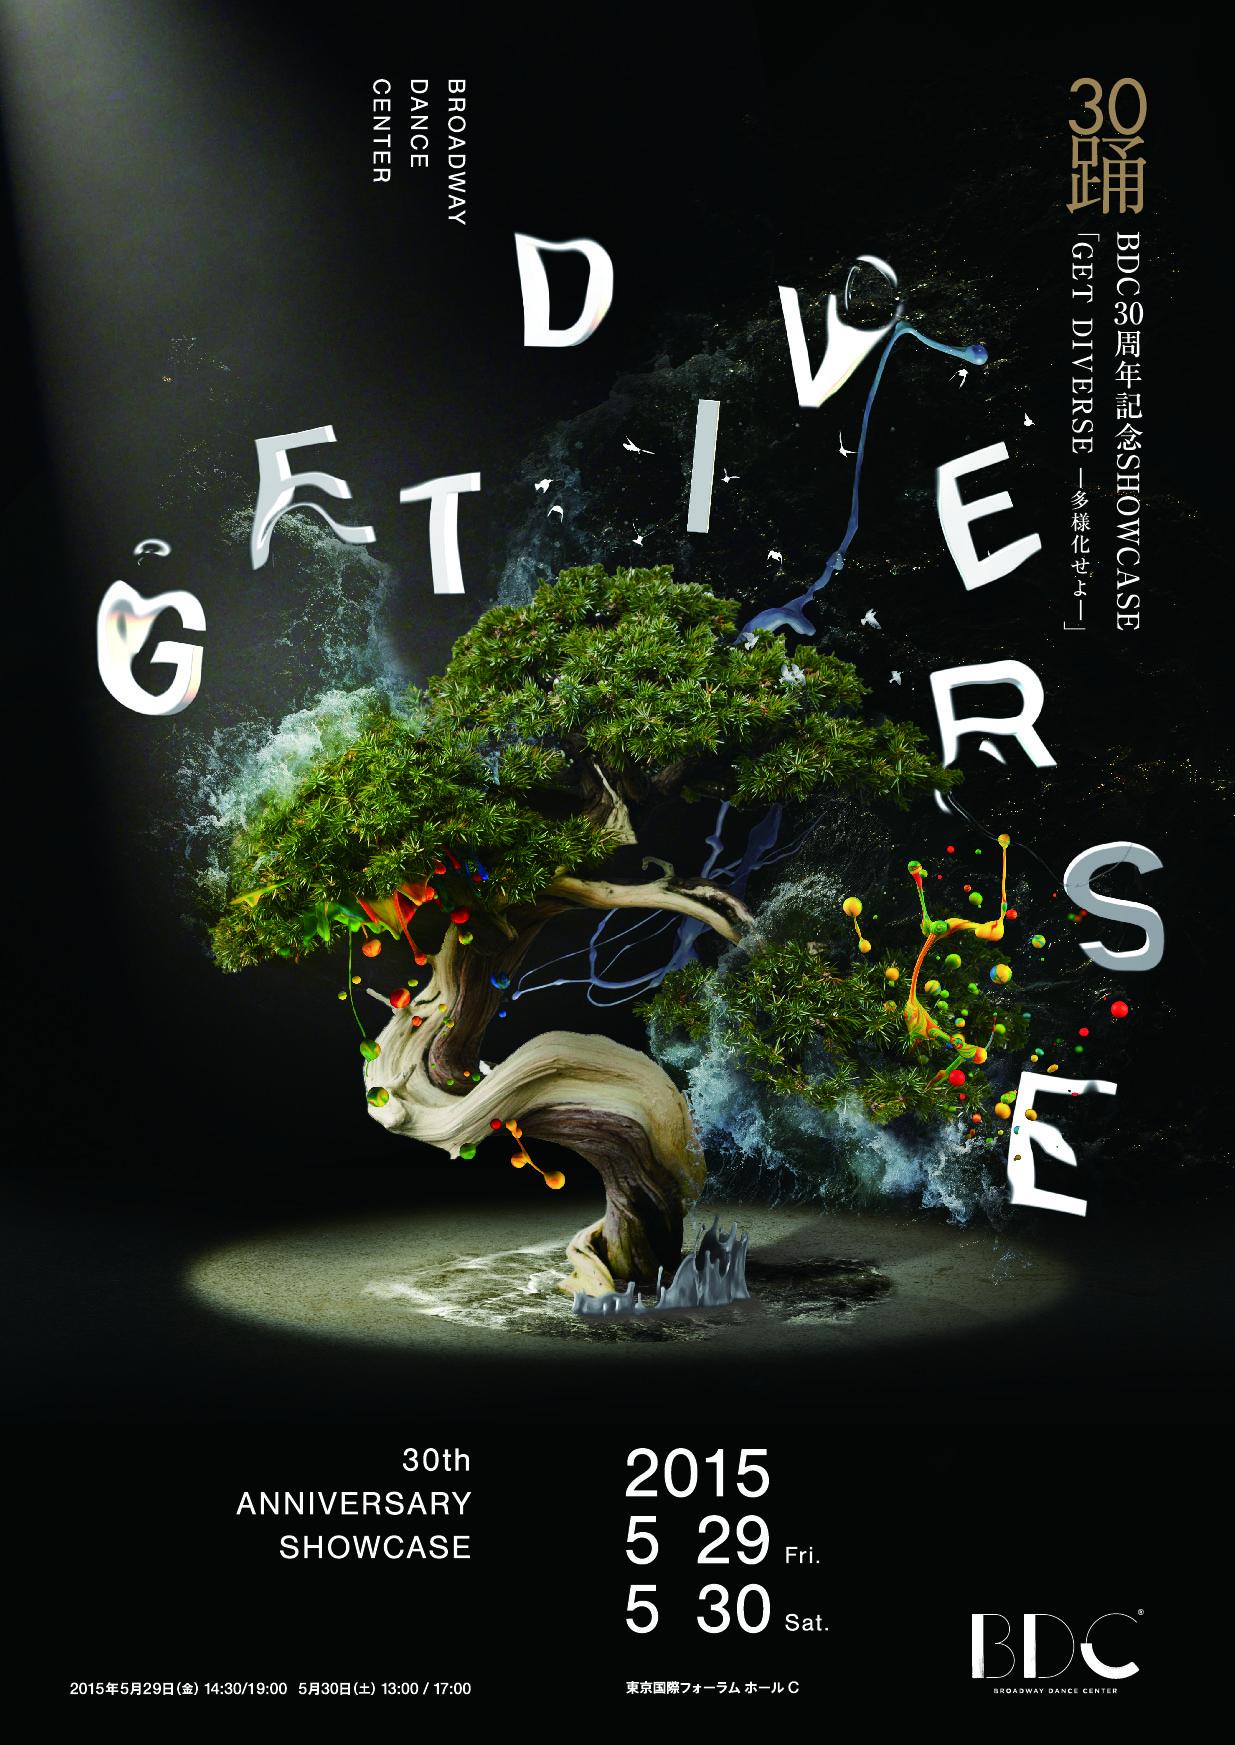 30周年記念ショーケース「GET DIVERSE -多様化せよ-」